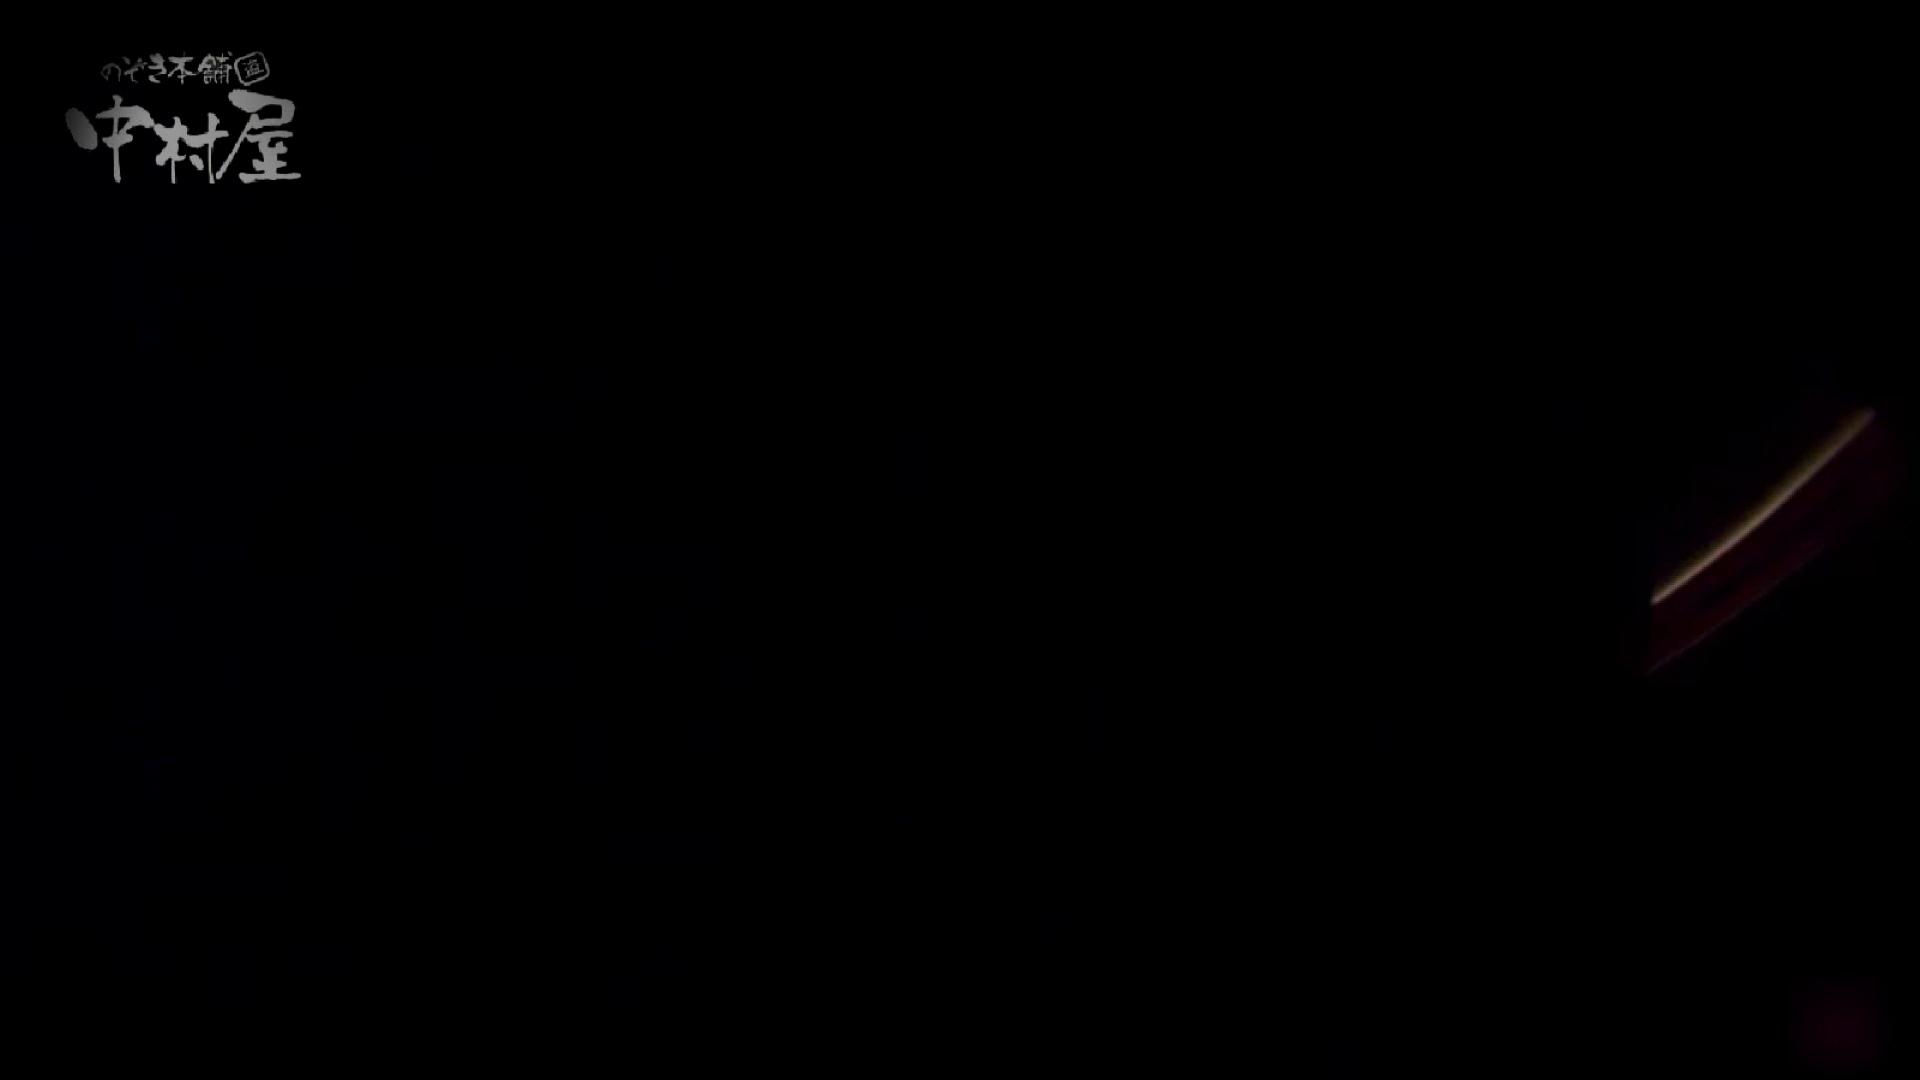 女子トイレ盗撮~某ファミレス編~vol.31 女子トイレ 盗撮われめAV動画紹介 80PICs 79